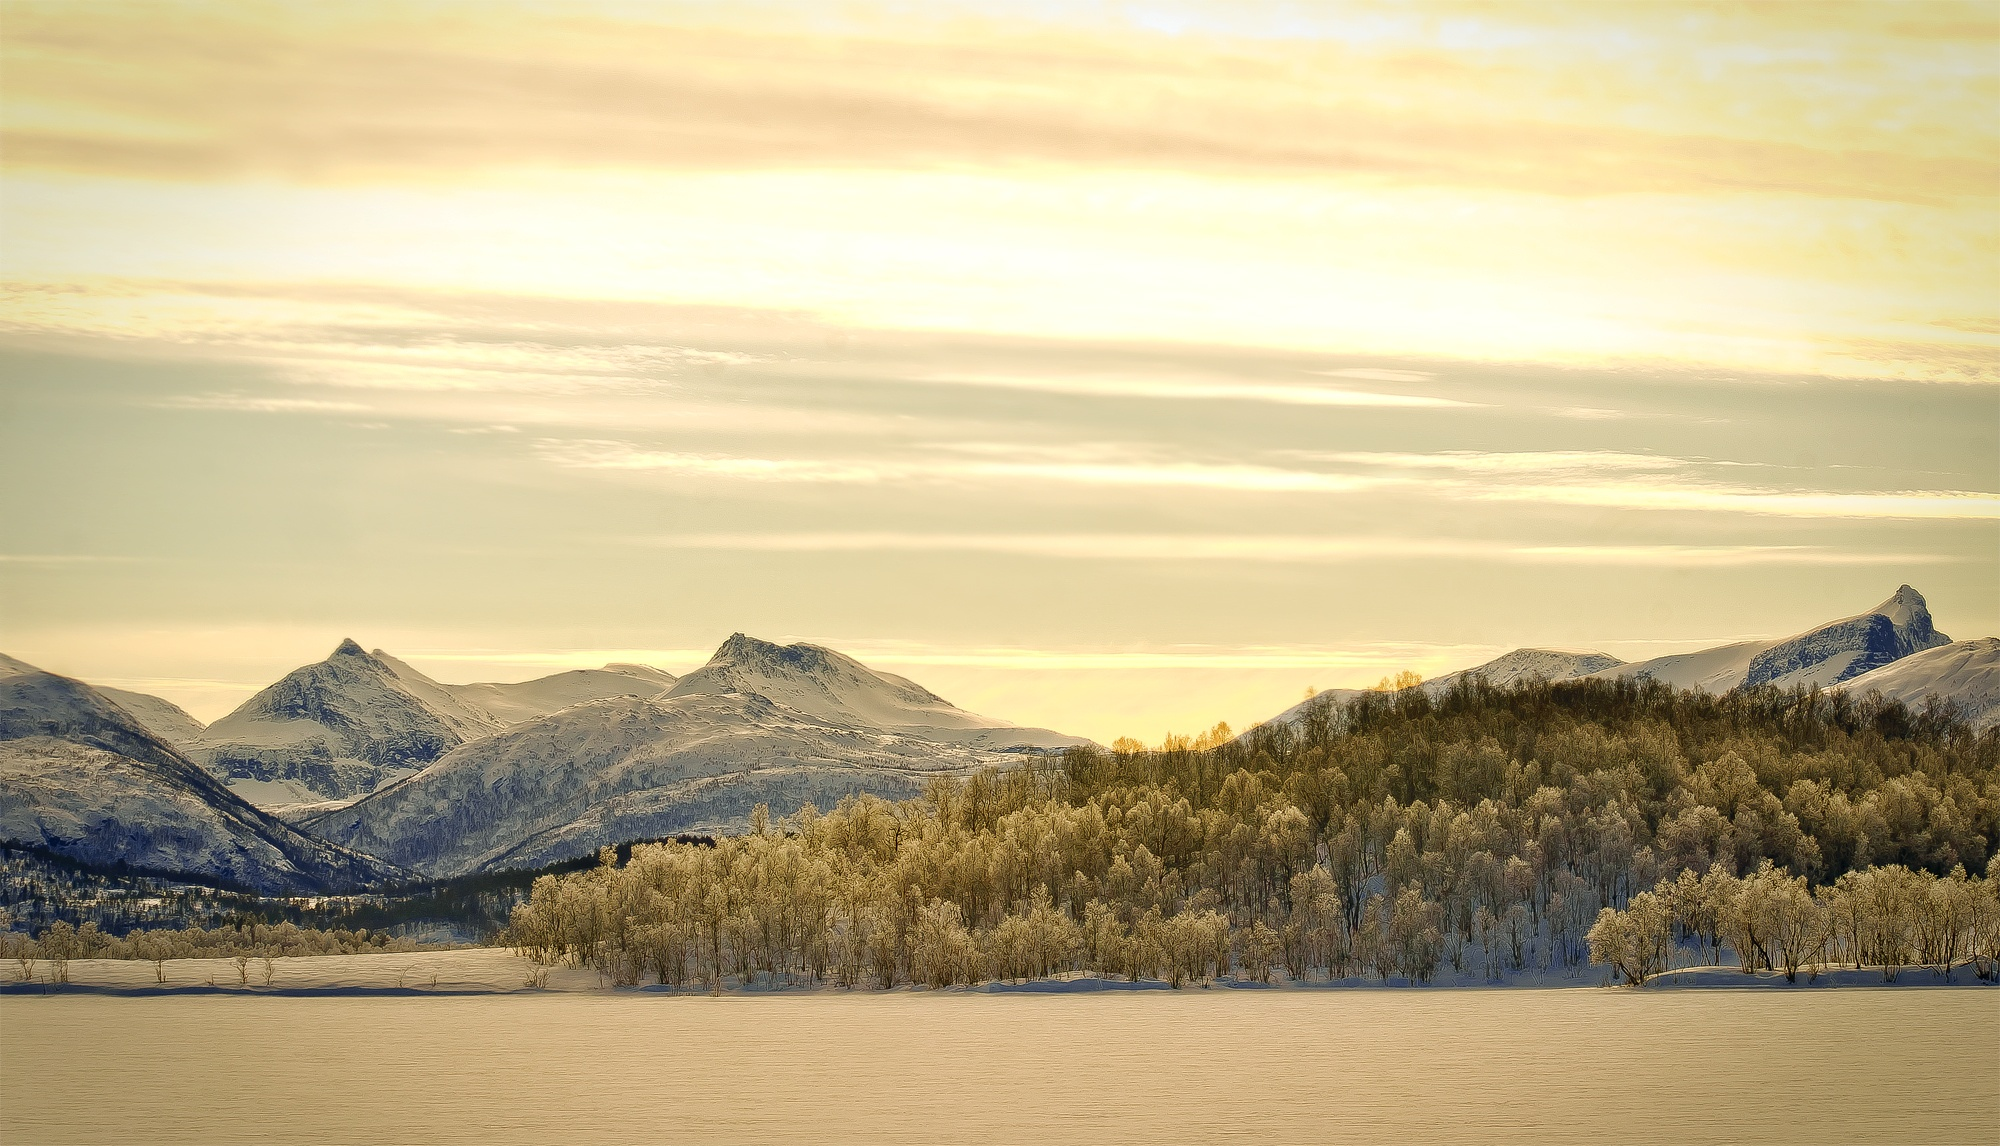 The serenity by John Frost-bite Slettjord